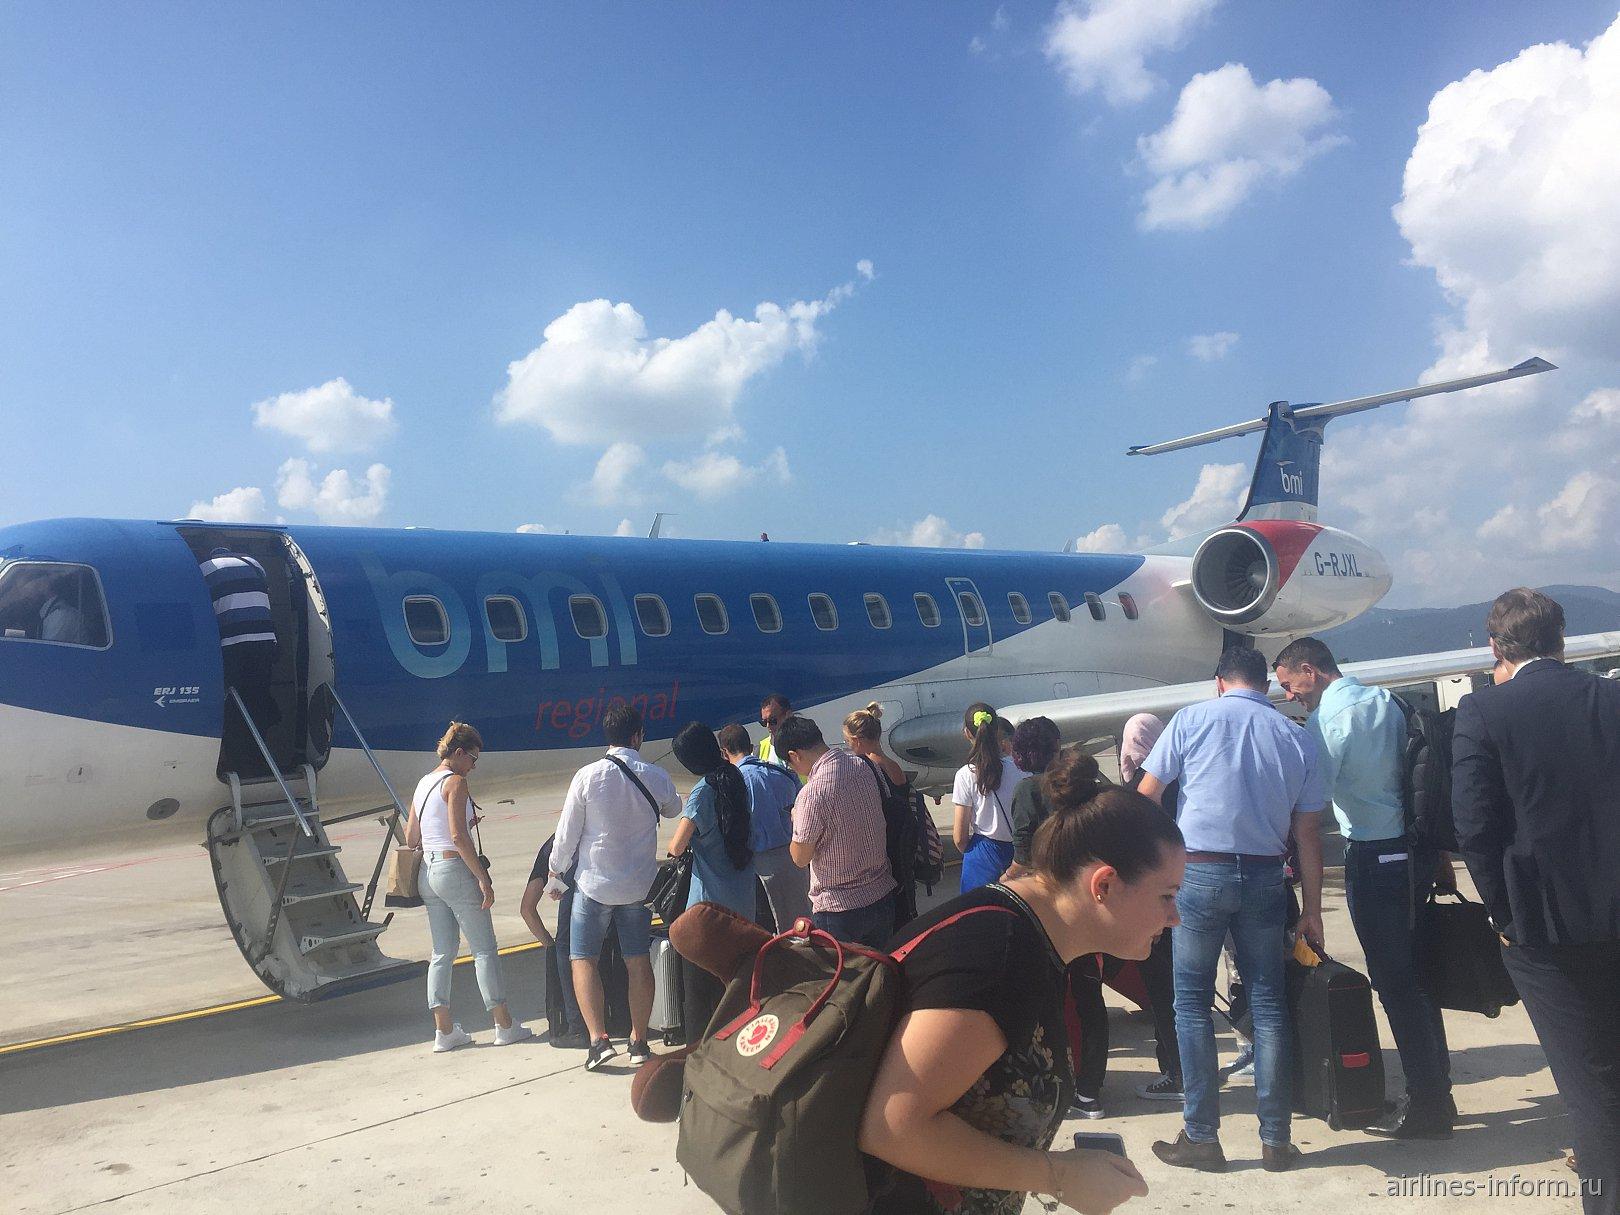 «Из немецко-итальянских записок..». Часть 6: Бергамо - Мюнхен с BMI Regional: новые для сайта самолёт и авиаперевозчик